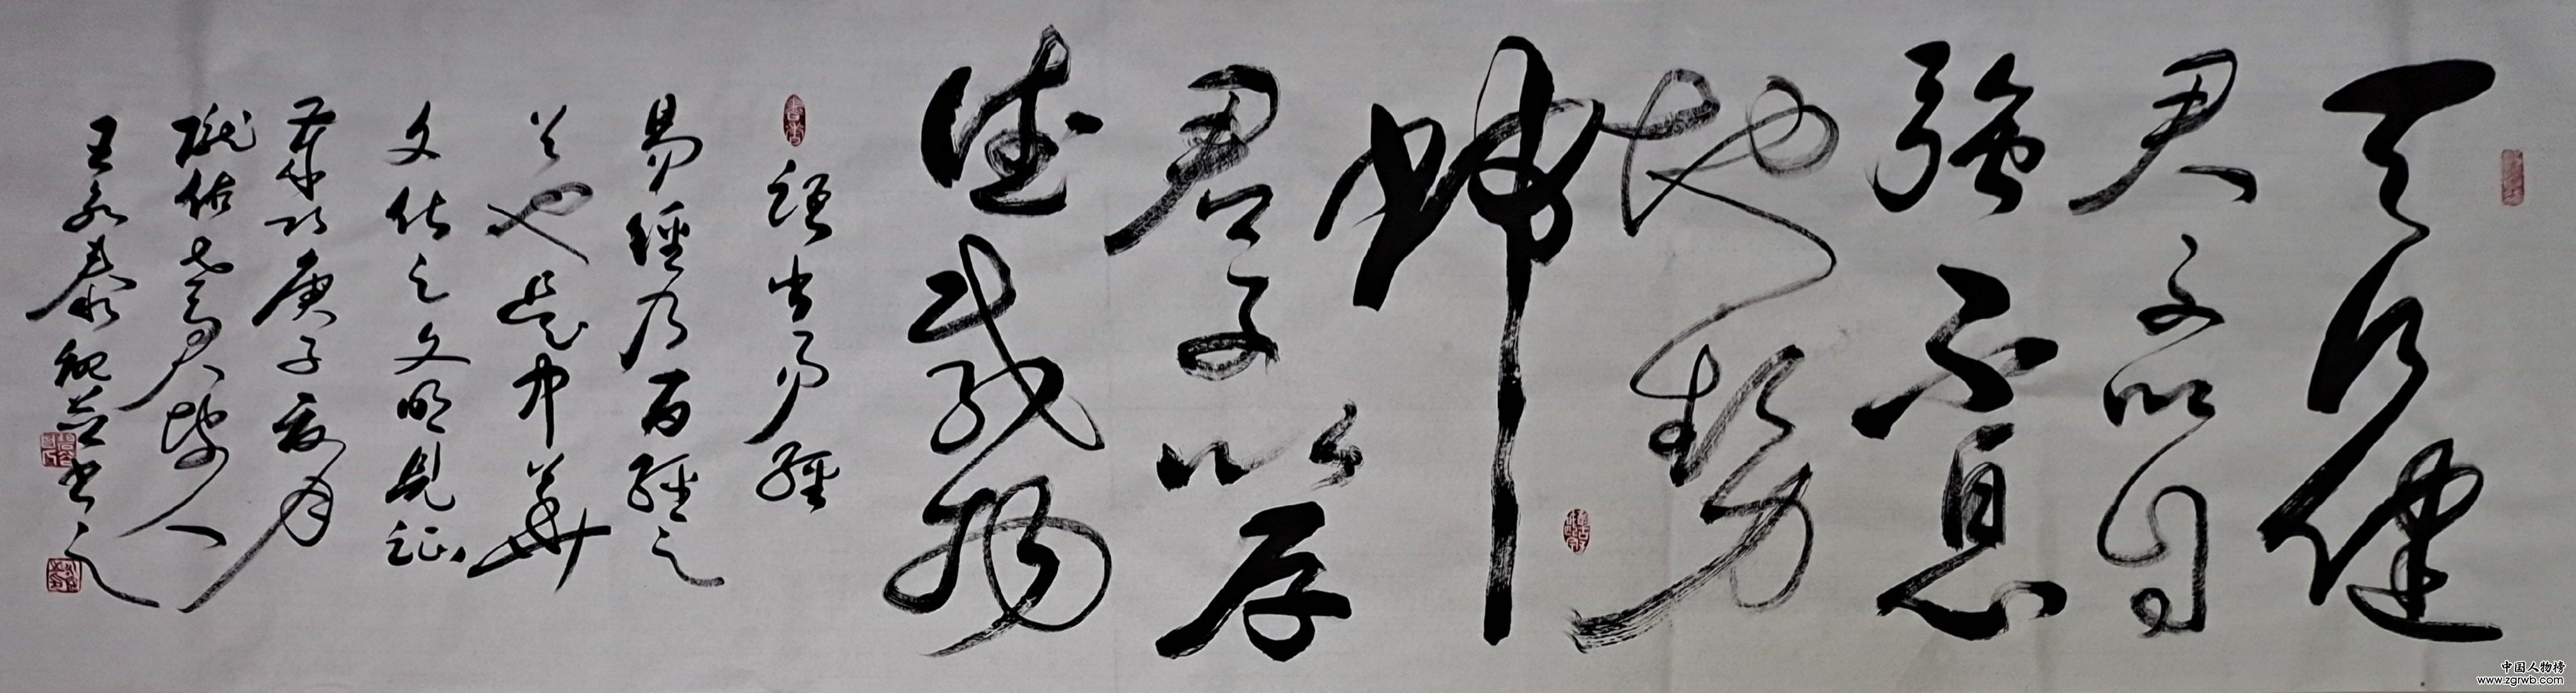 全国名人书画艺术风采展示———王永泰